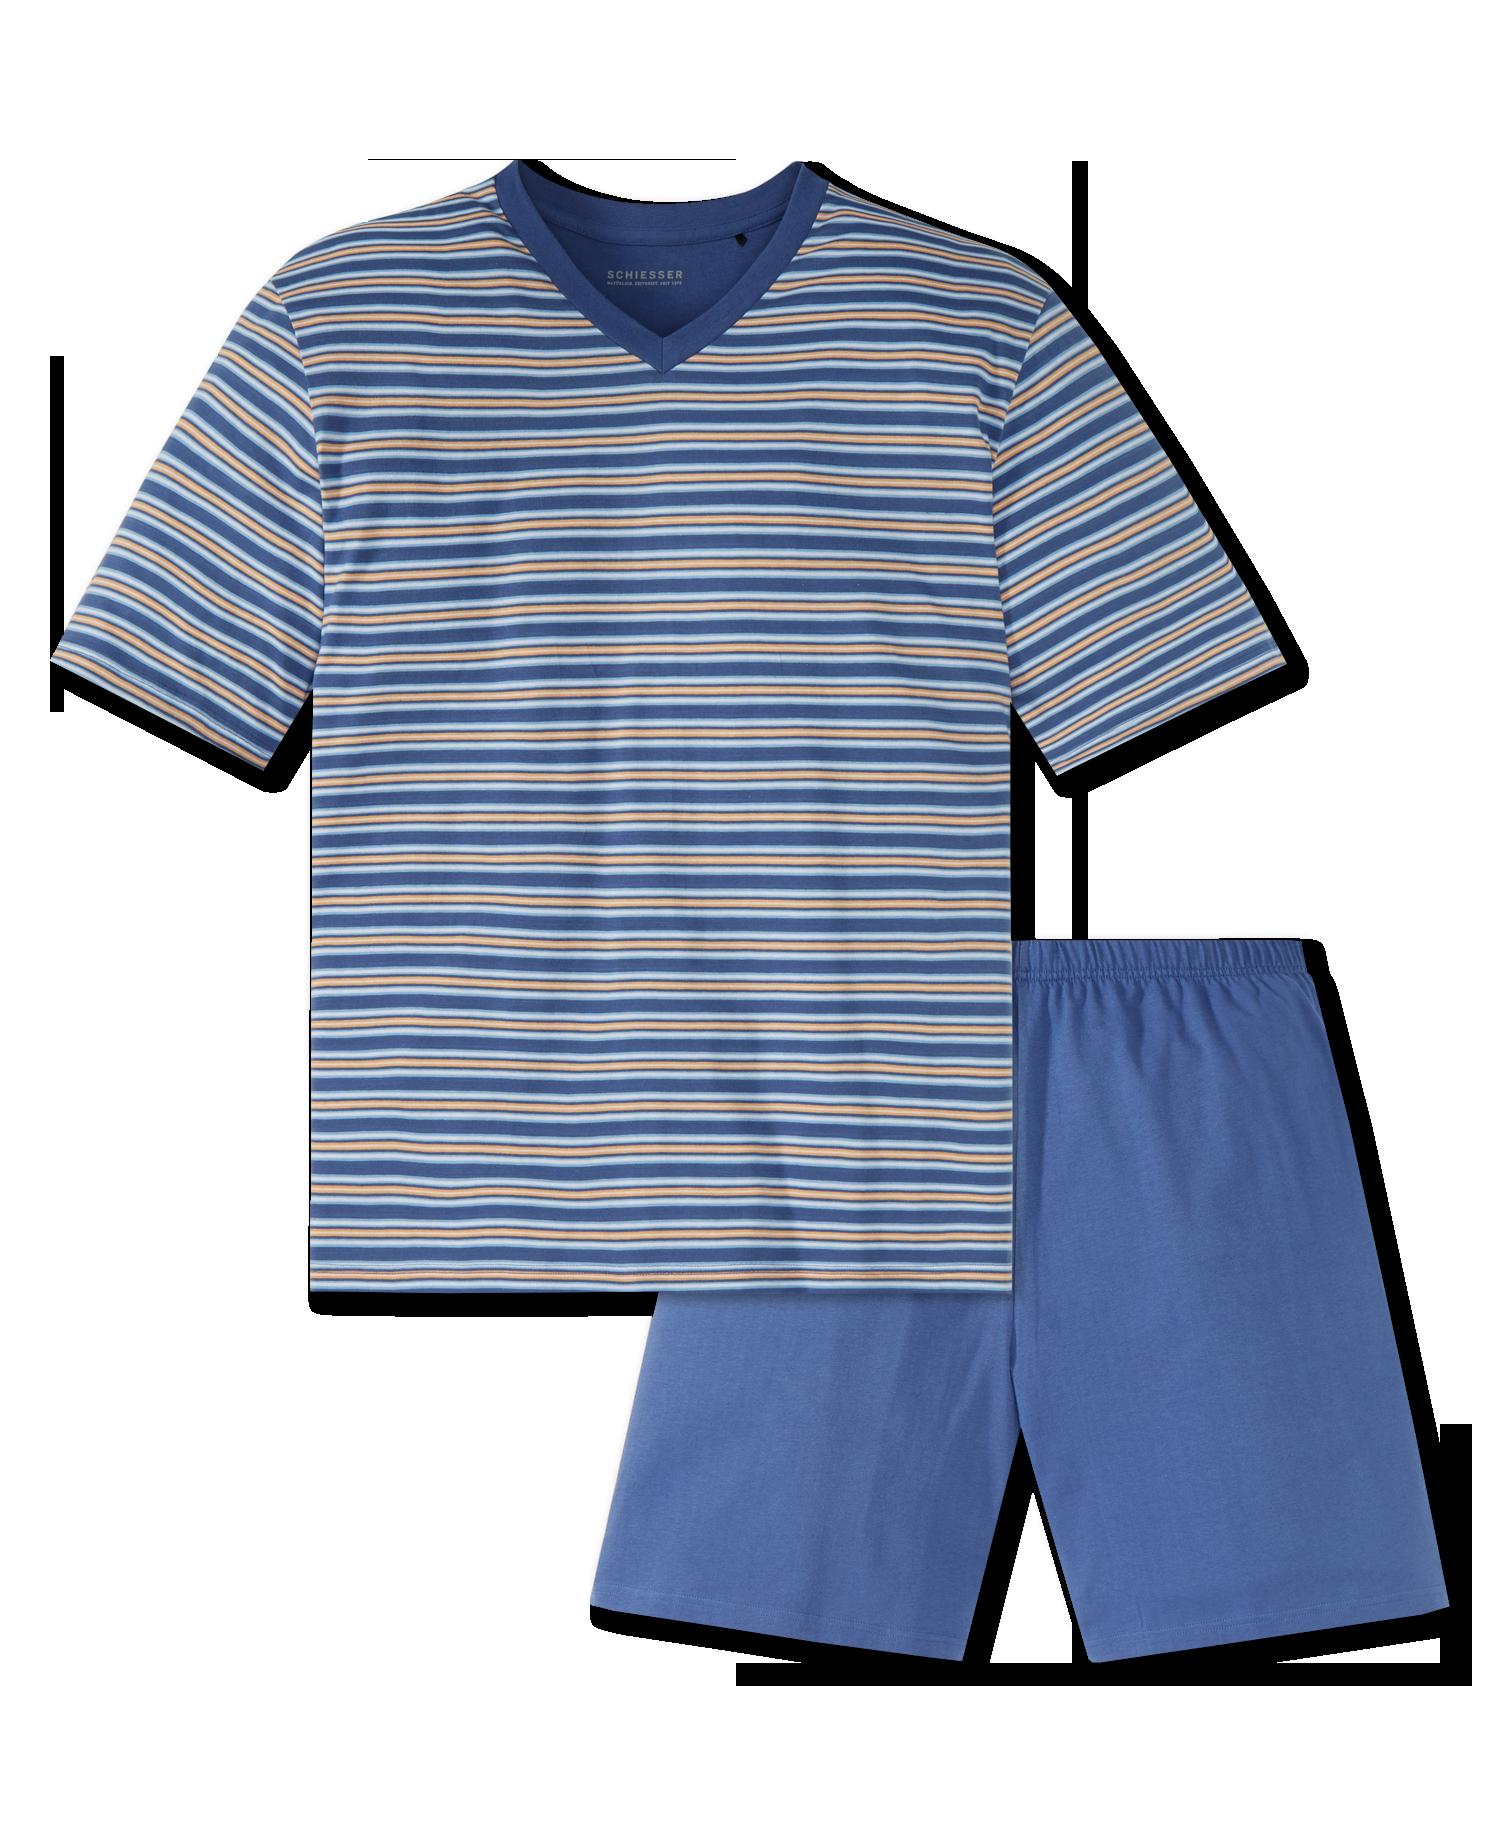 14872258954 Schiesser heren pyjama kort 166794 multi | Bedshop.nl